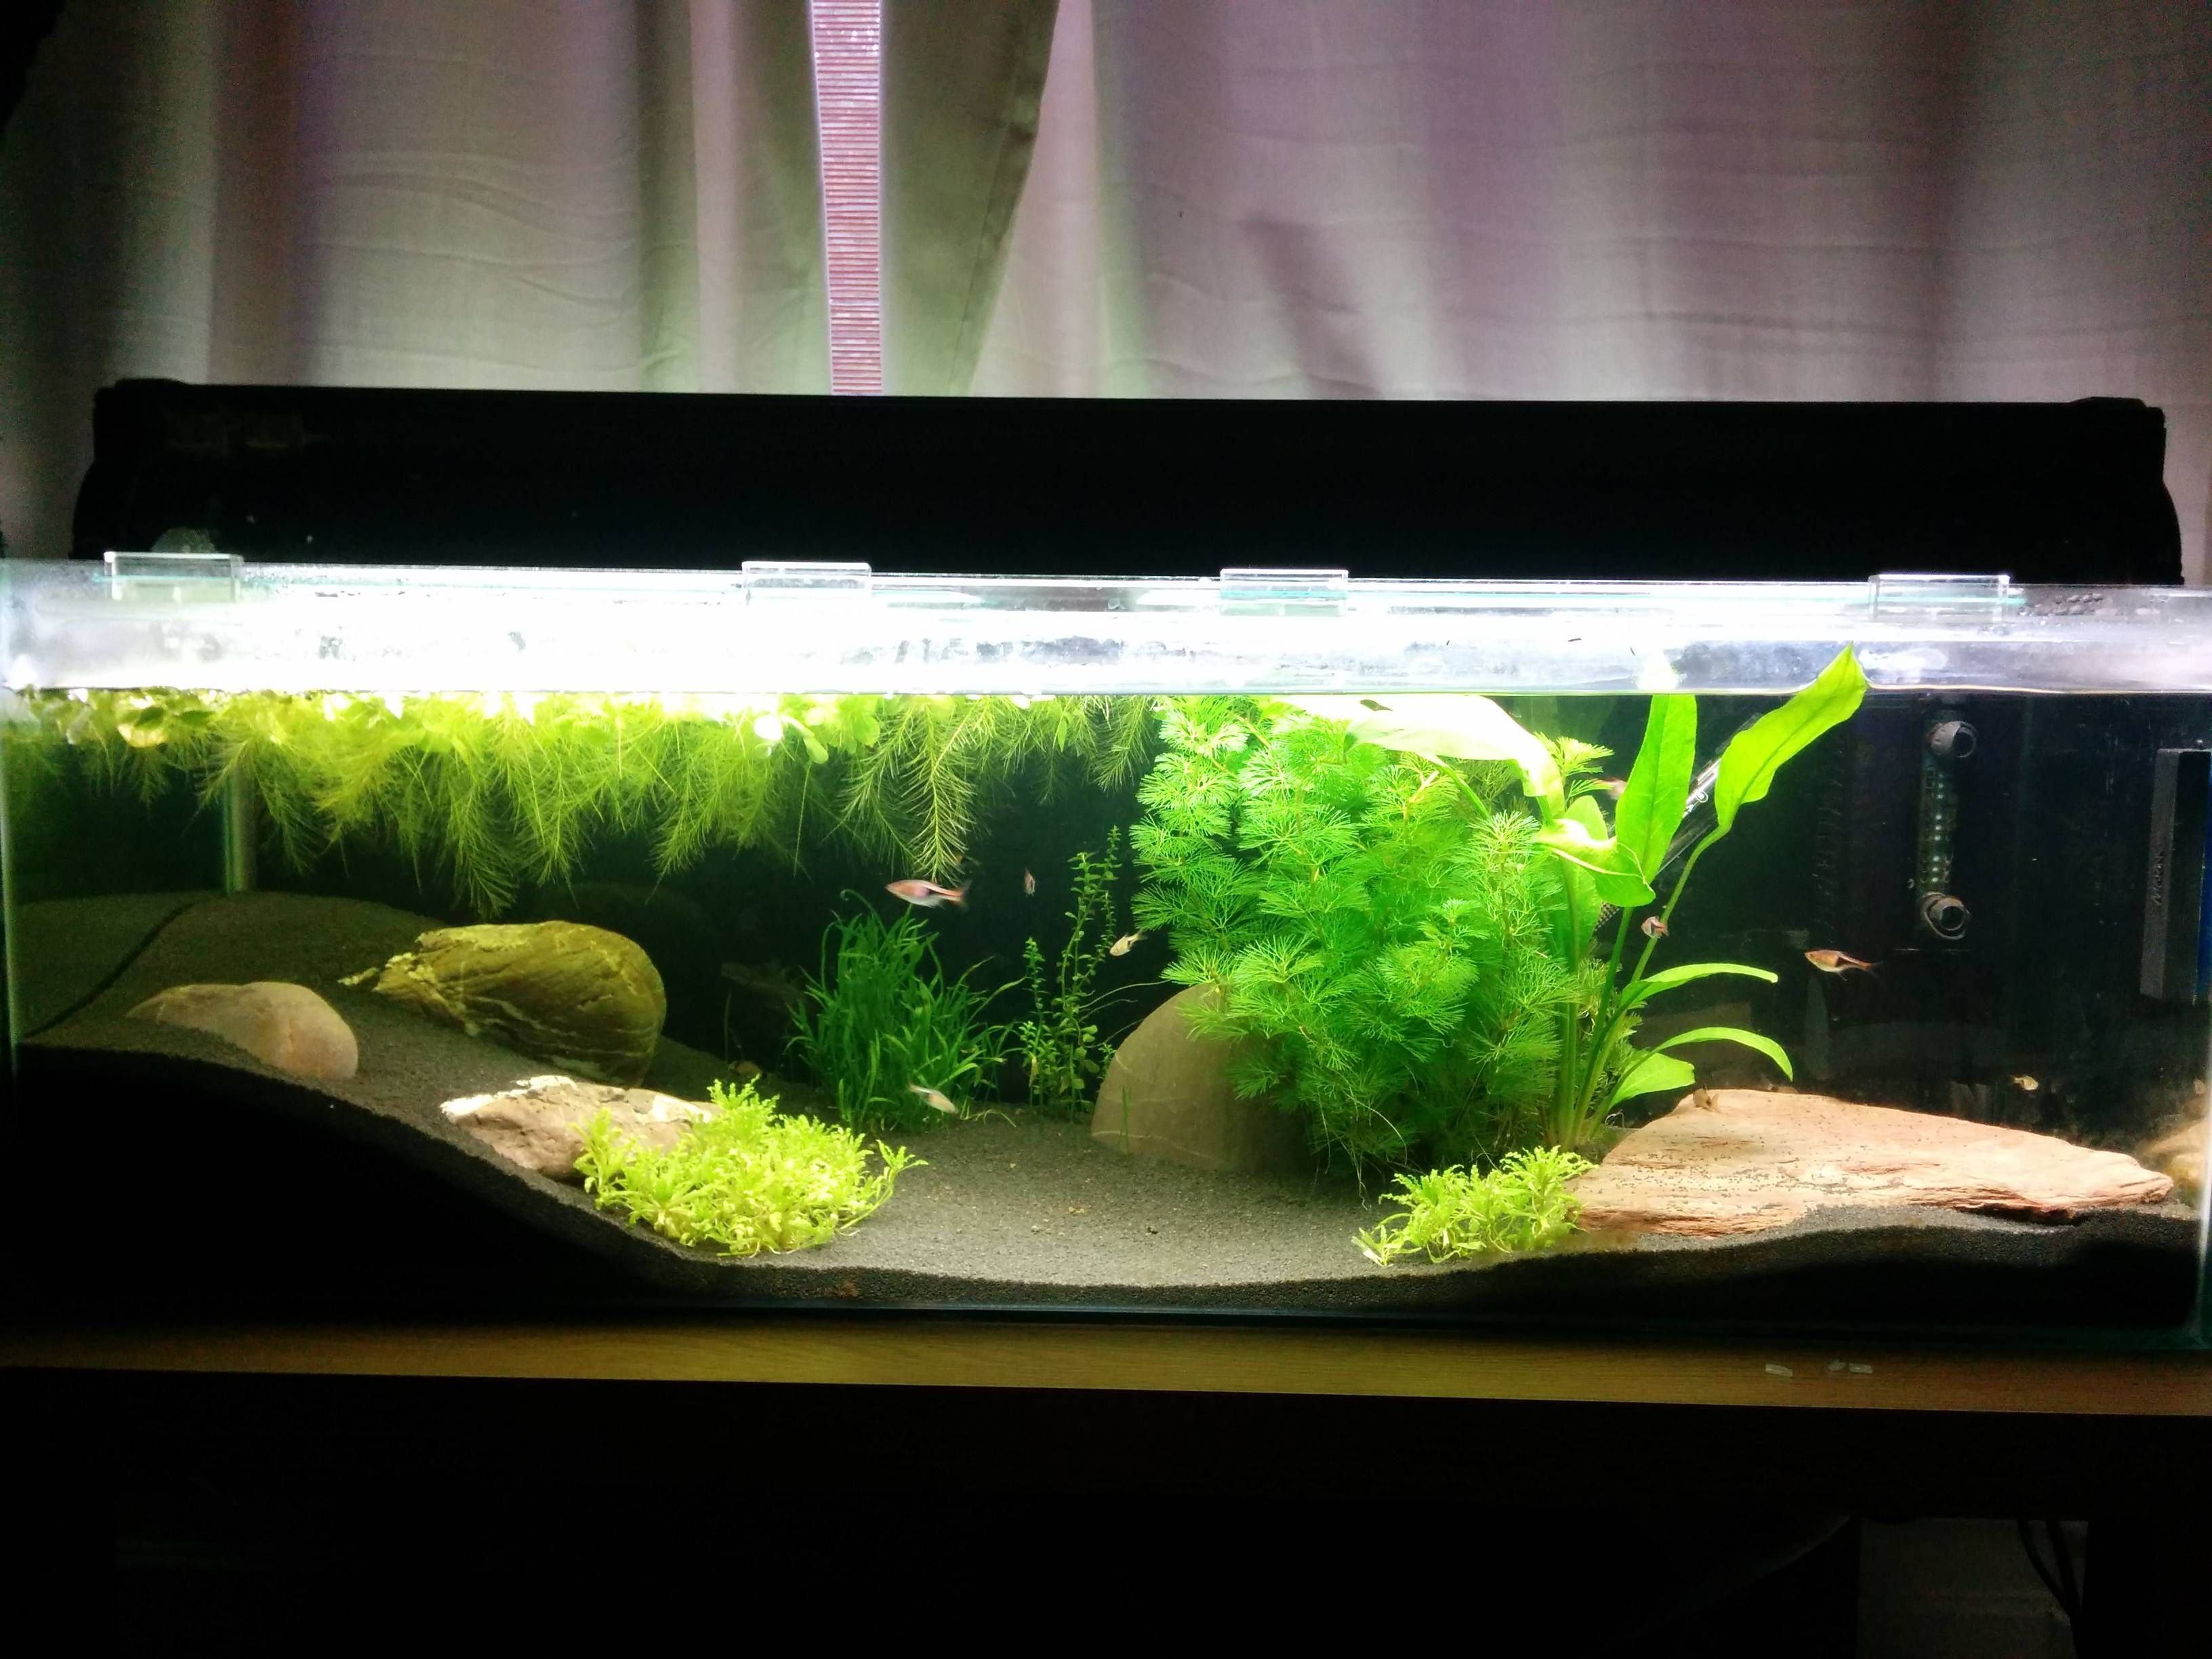 80l Planted Tank Planted Aquarium Fish Tank Aquascape